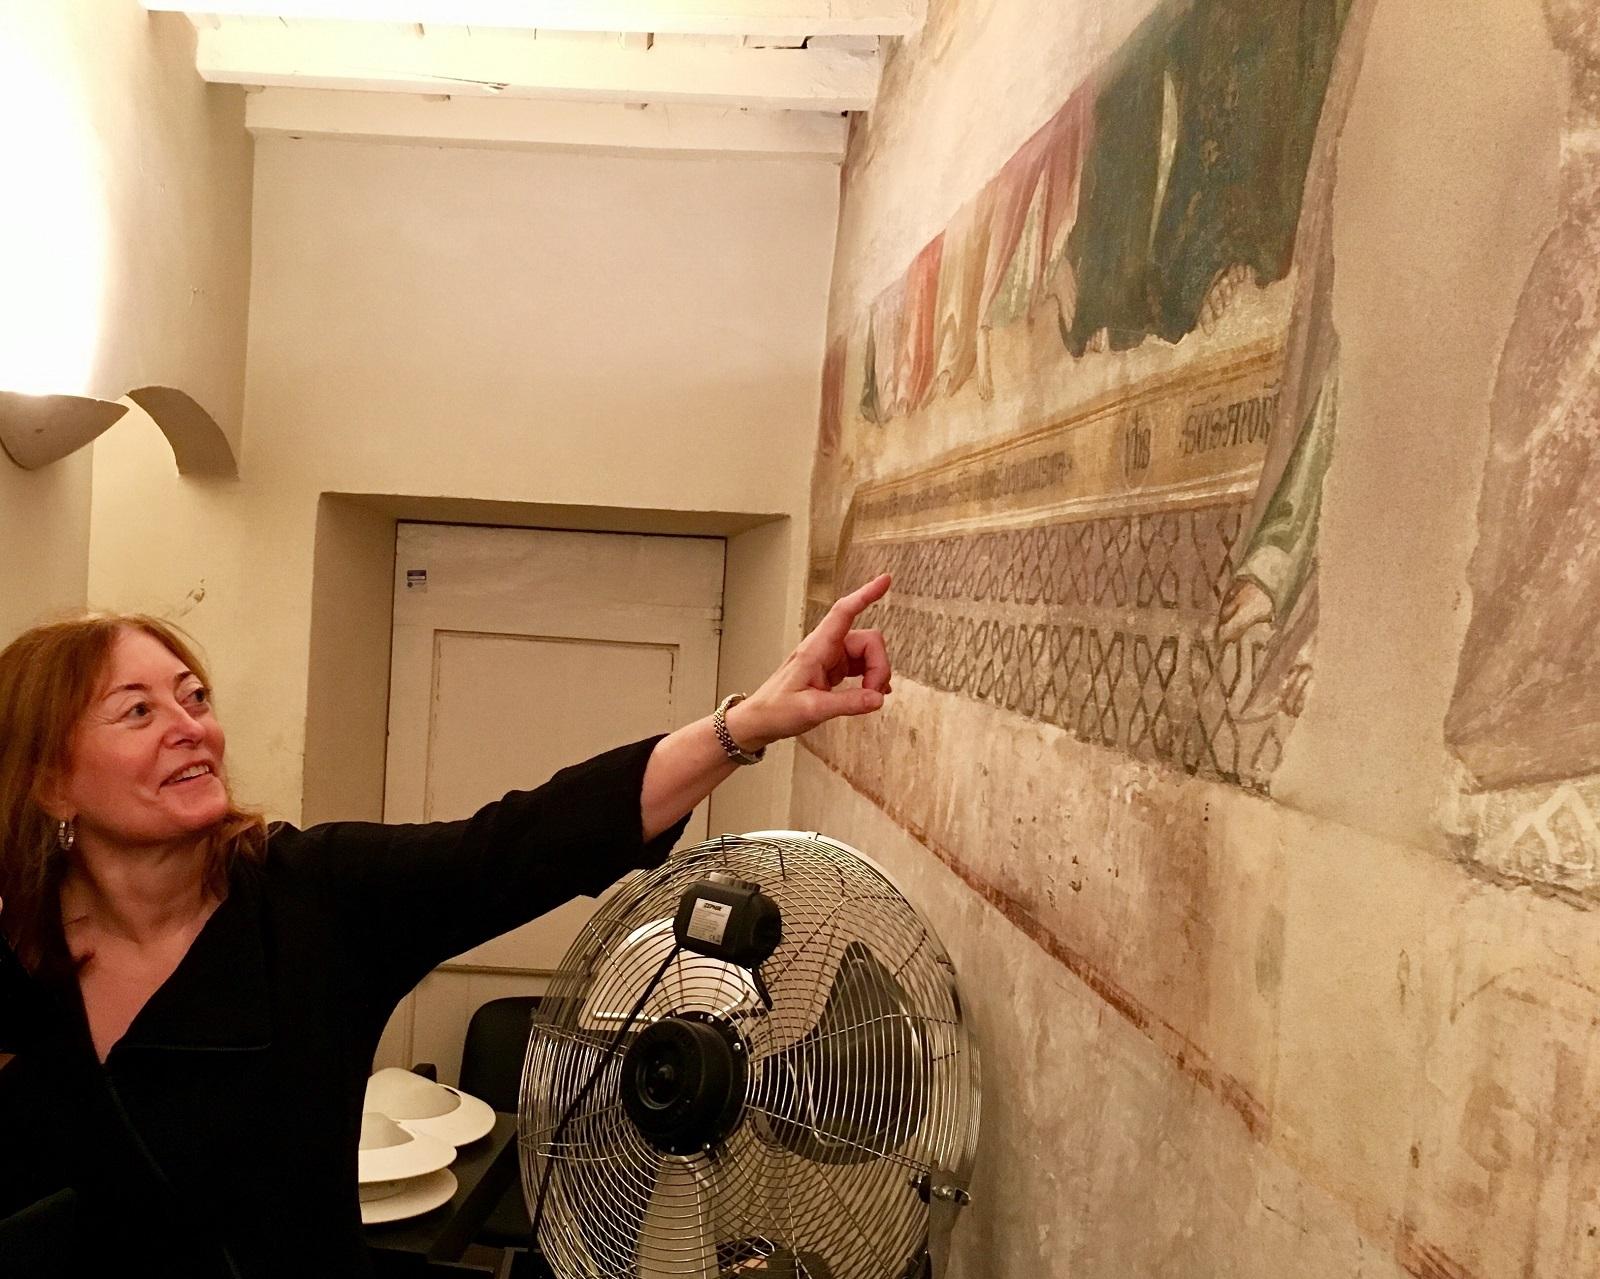 IAC member Donna Malin at the Fuligno complex